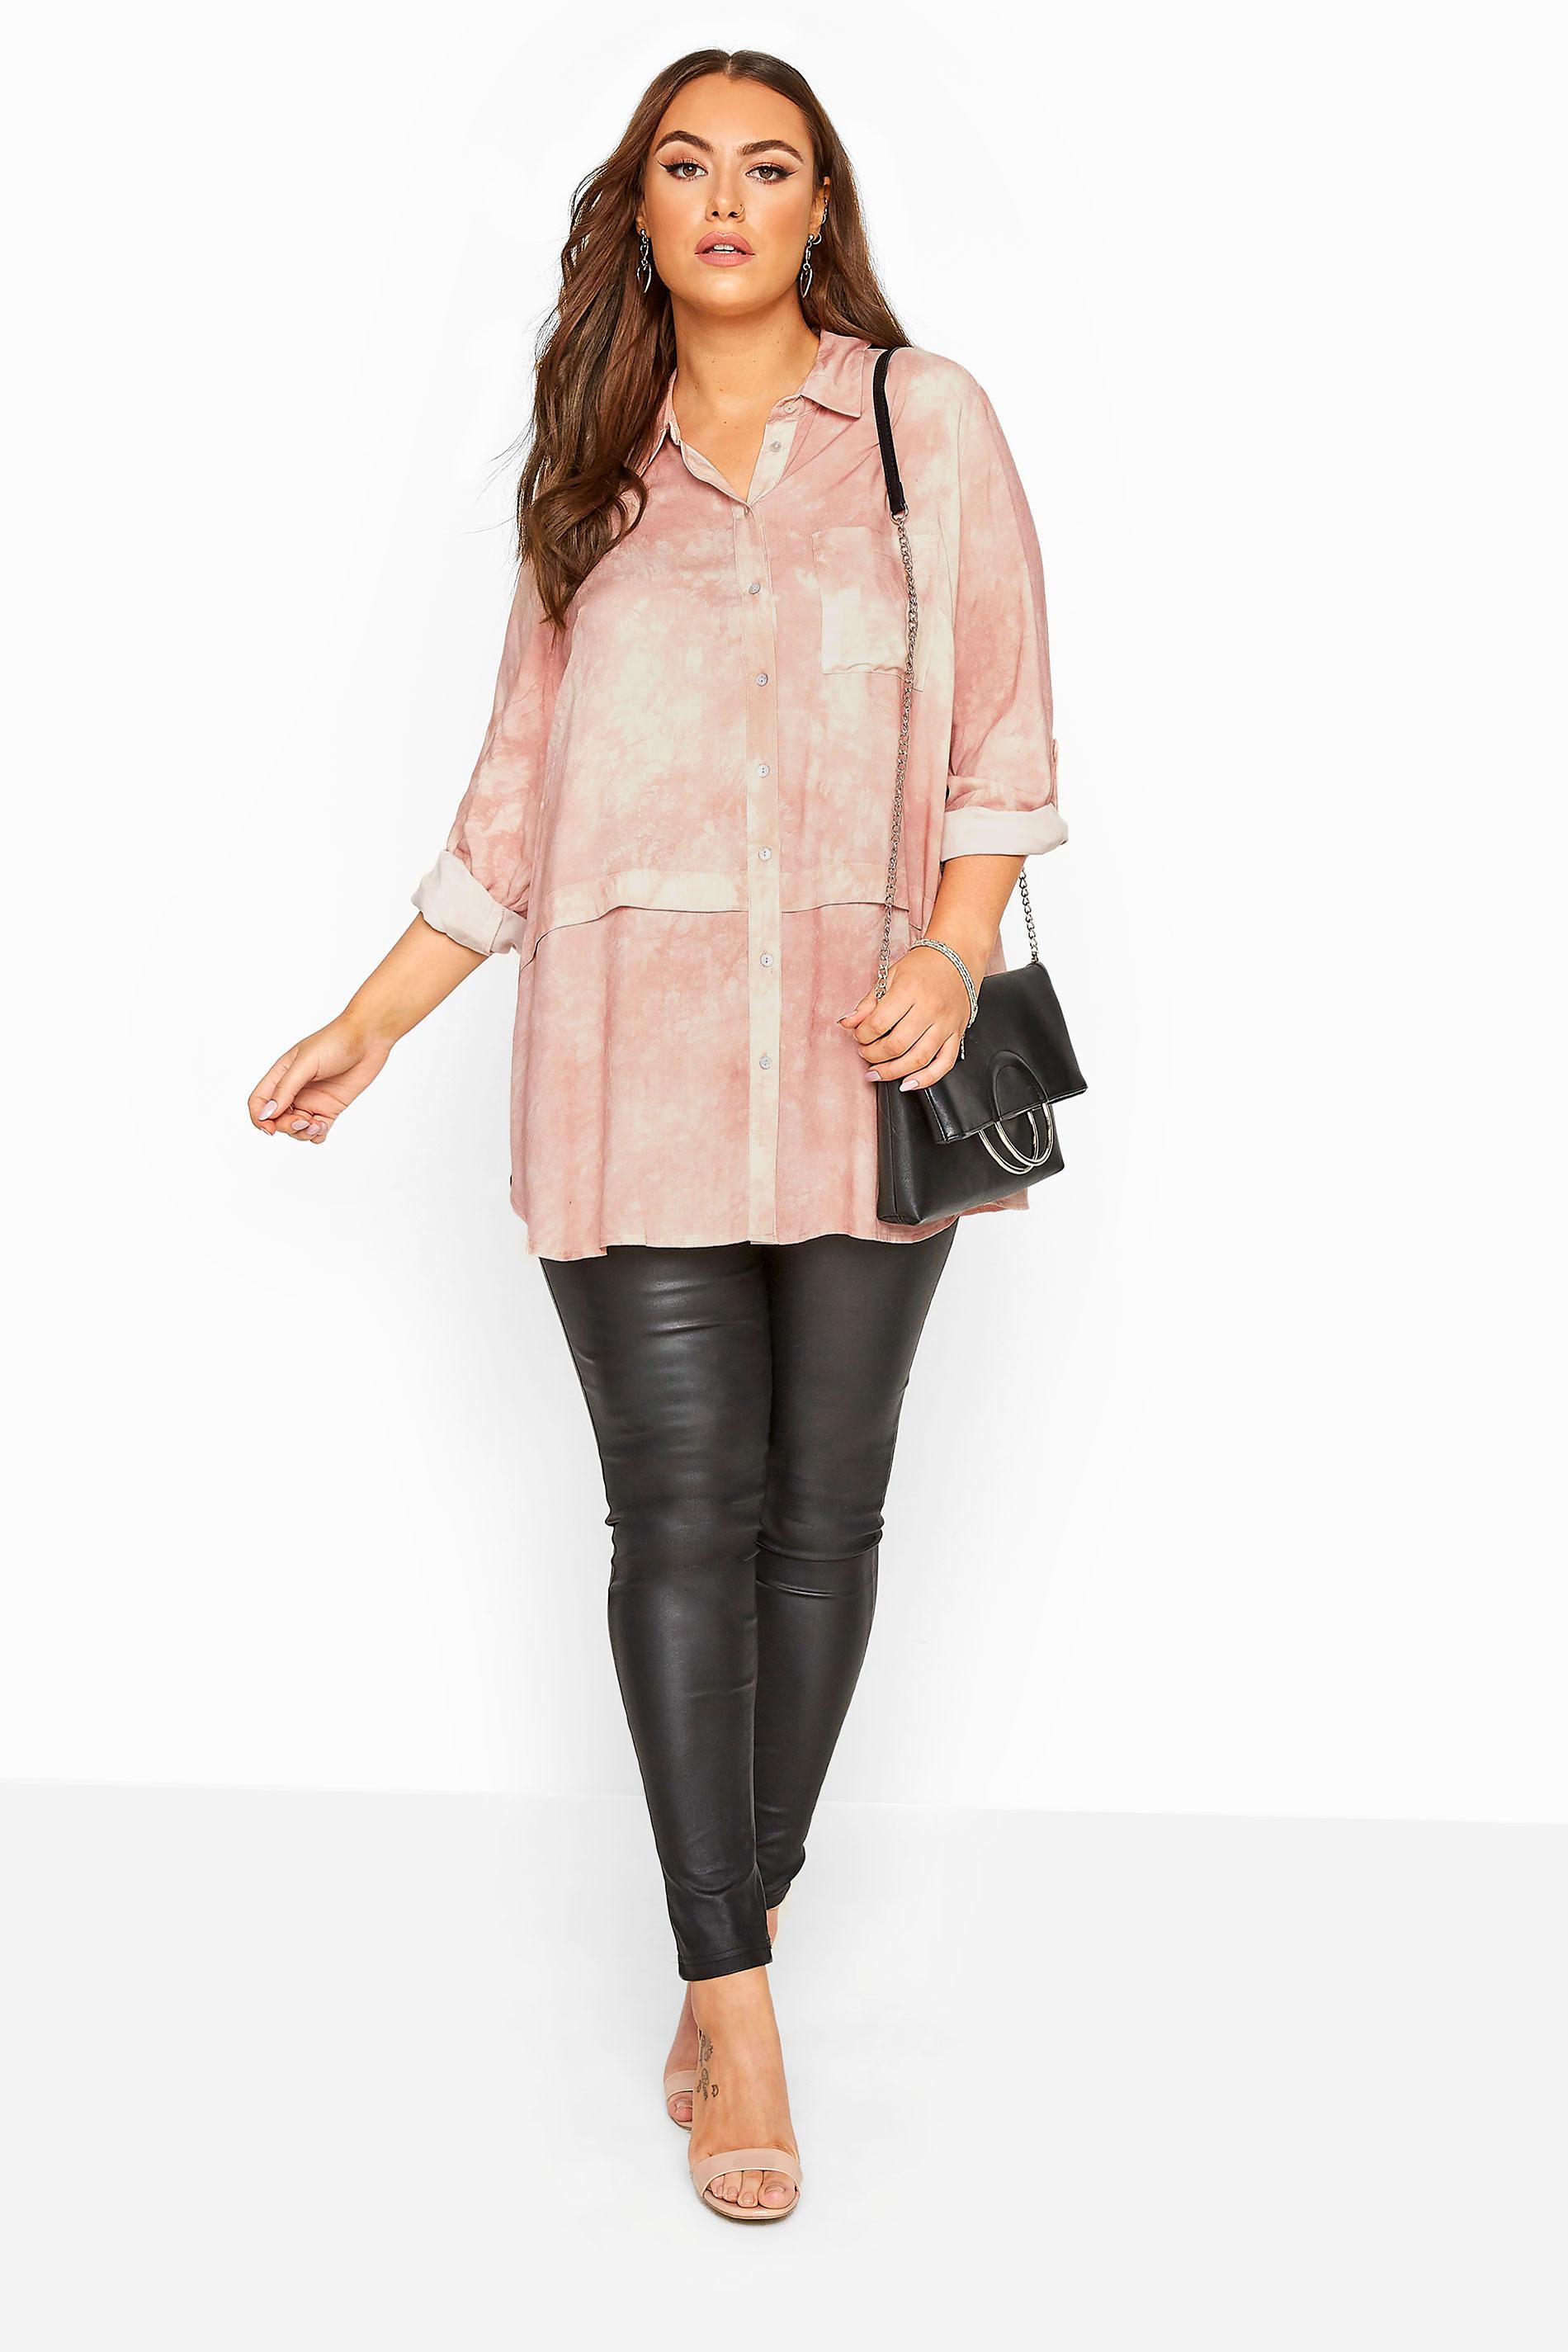 YOURS LONDON Granatowy top w pasy, moda xxl, ubrania dla